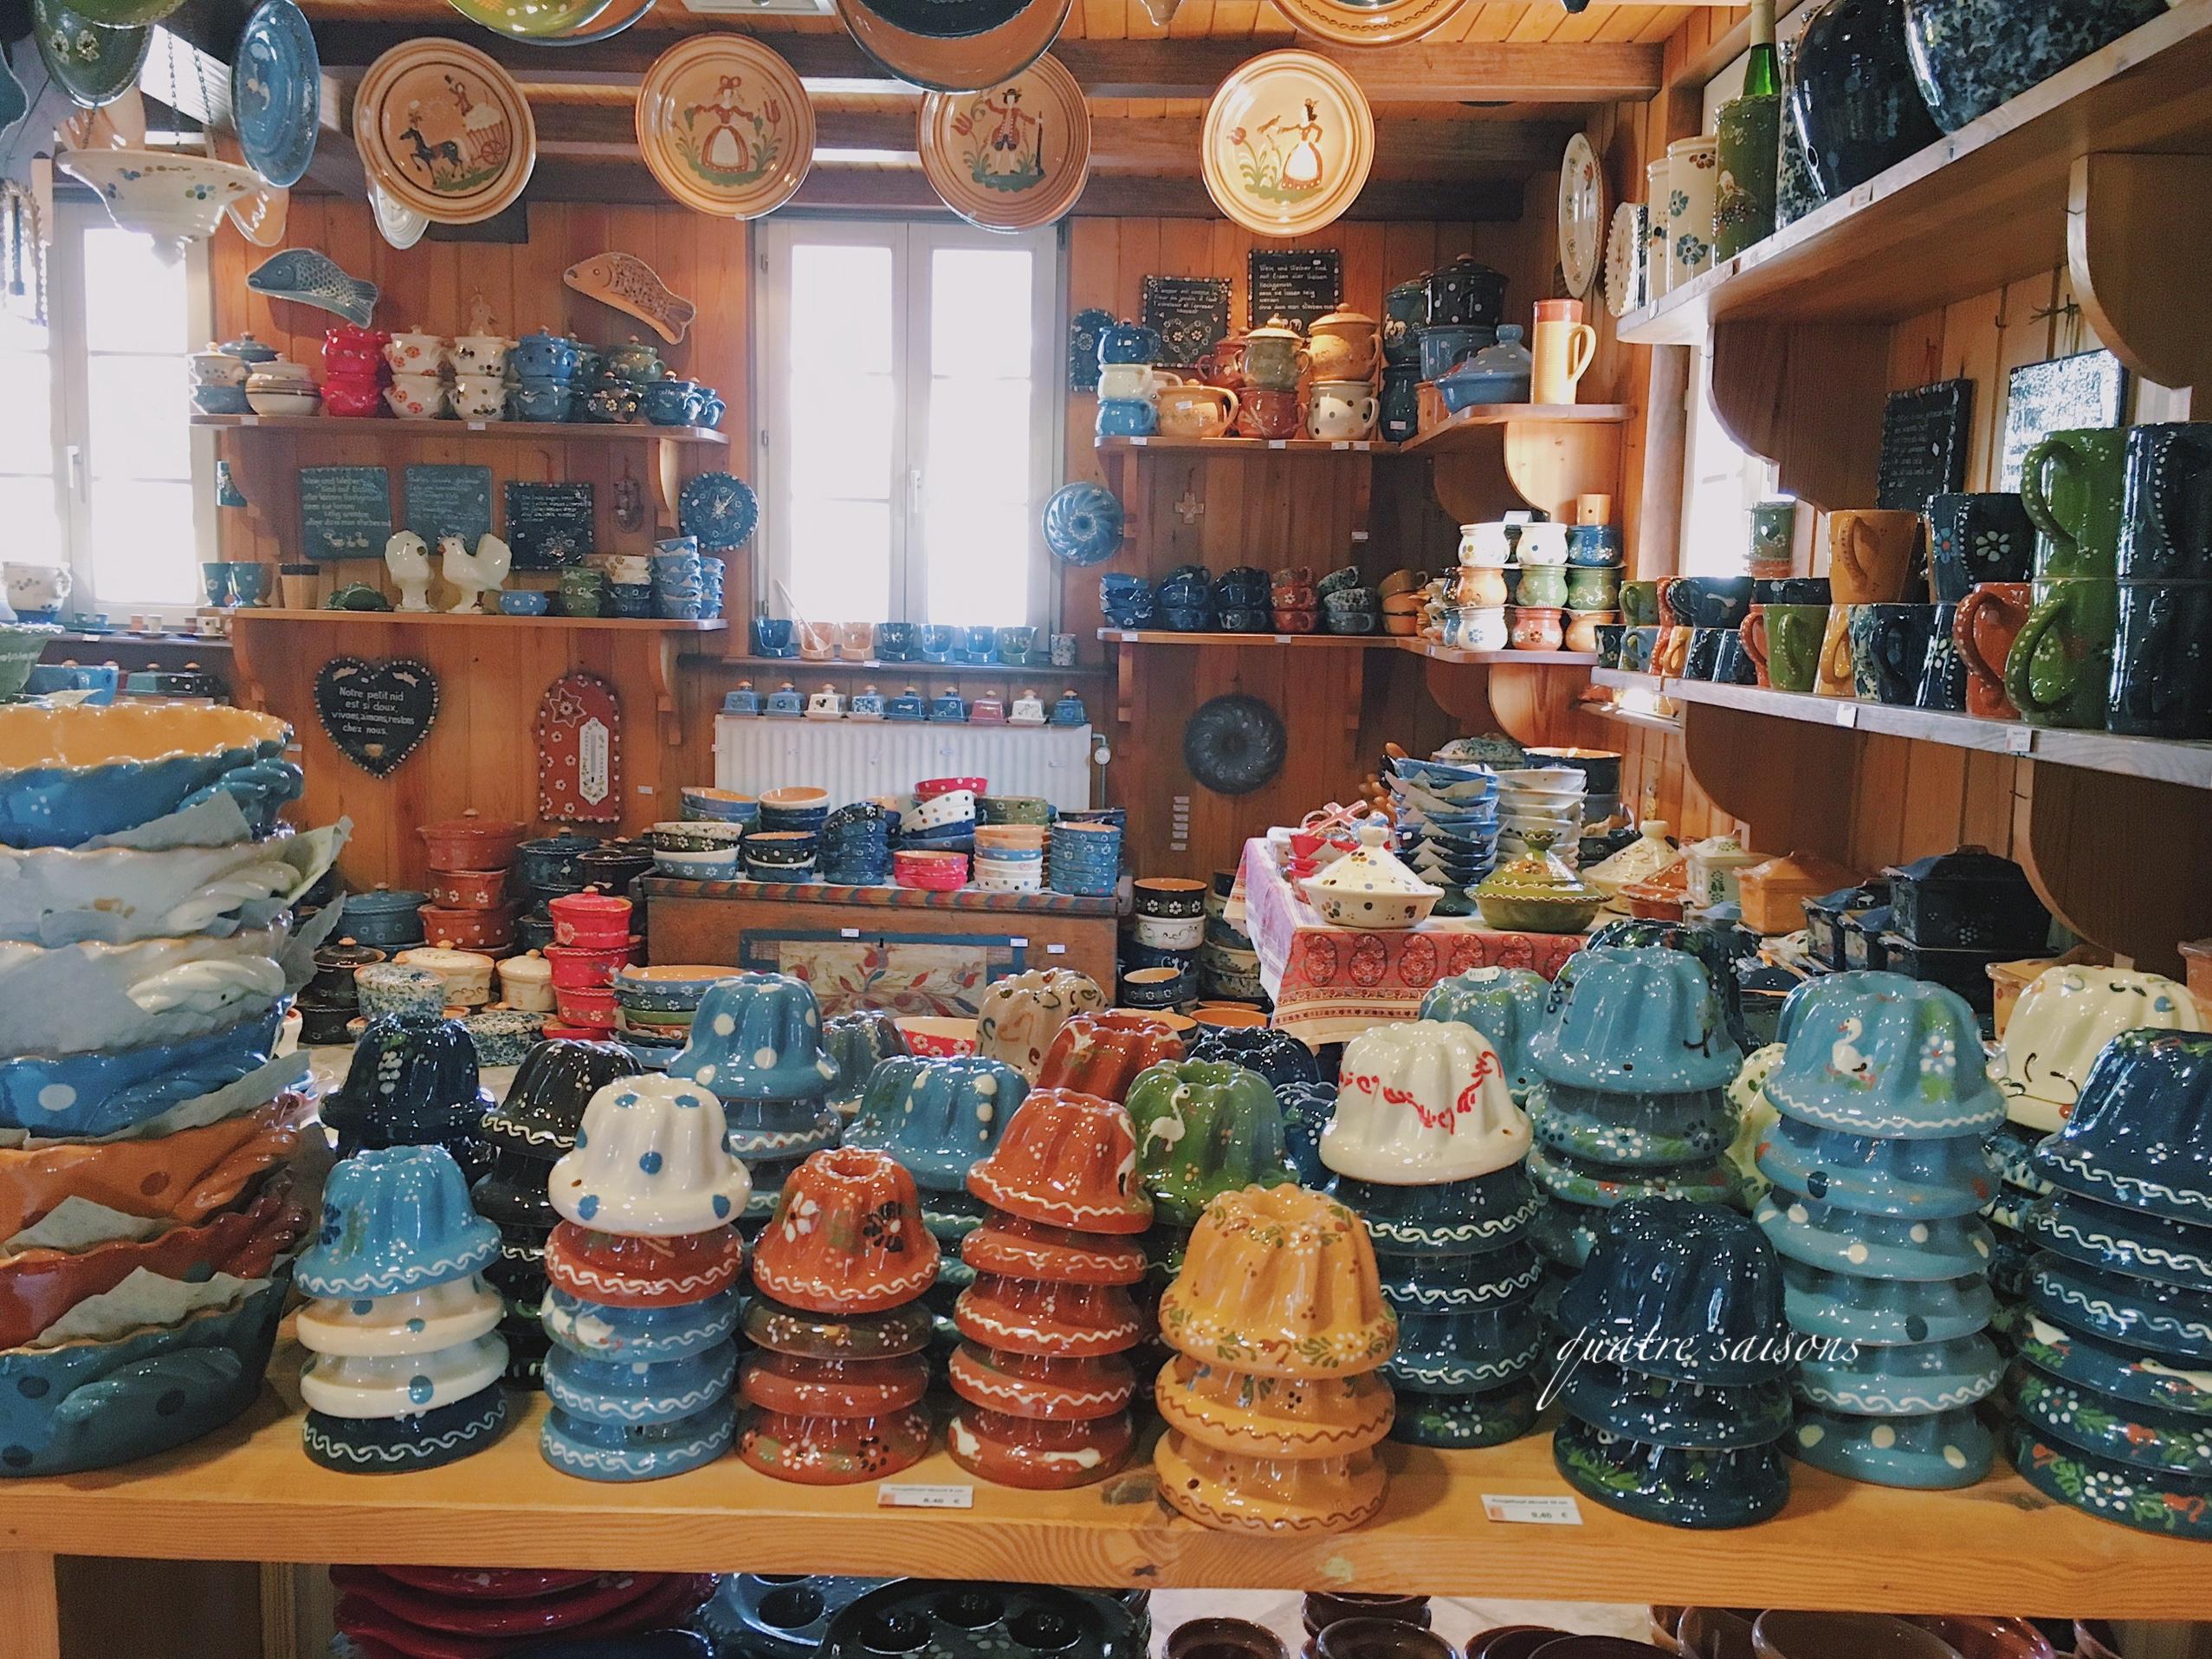 スフレンハイム、オススメのスフレンハイム焼きのお店の店内